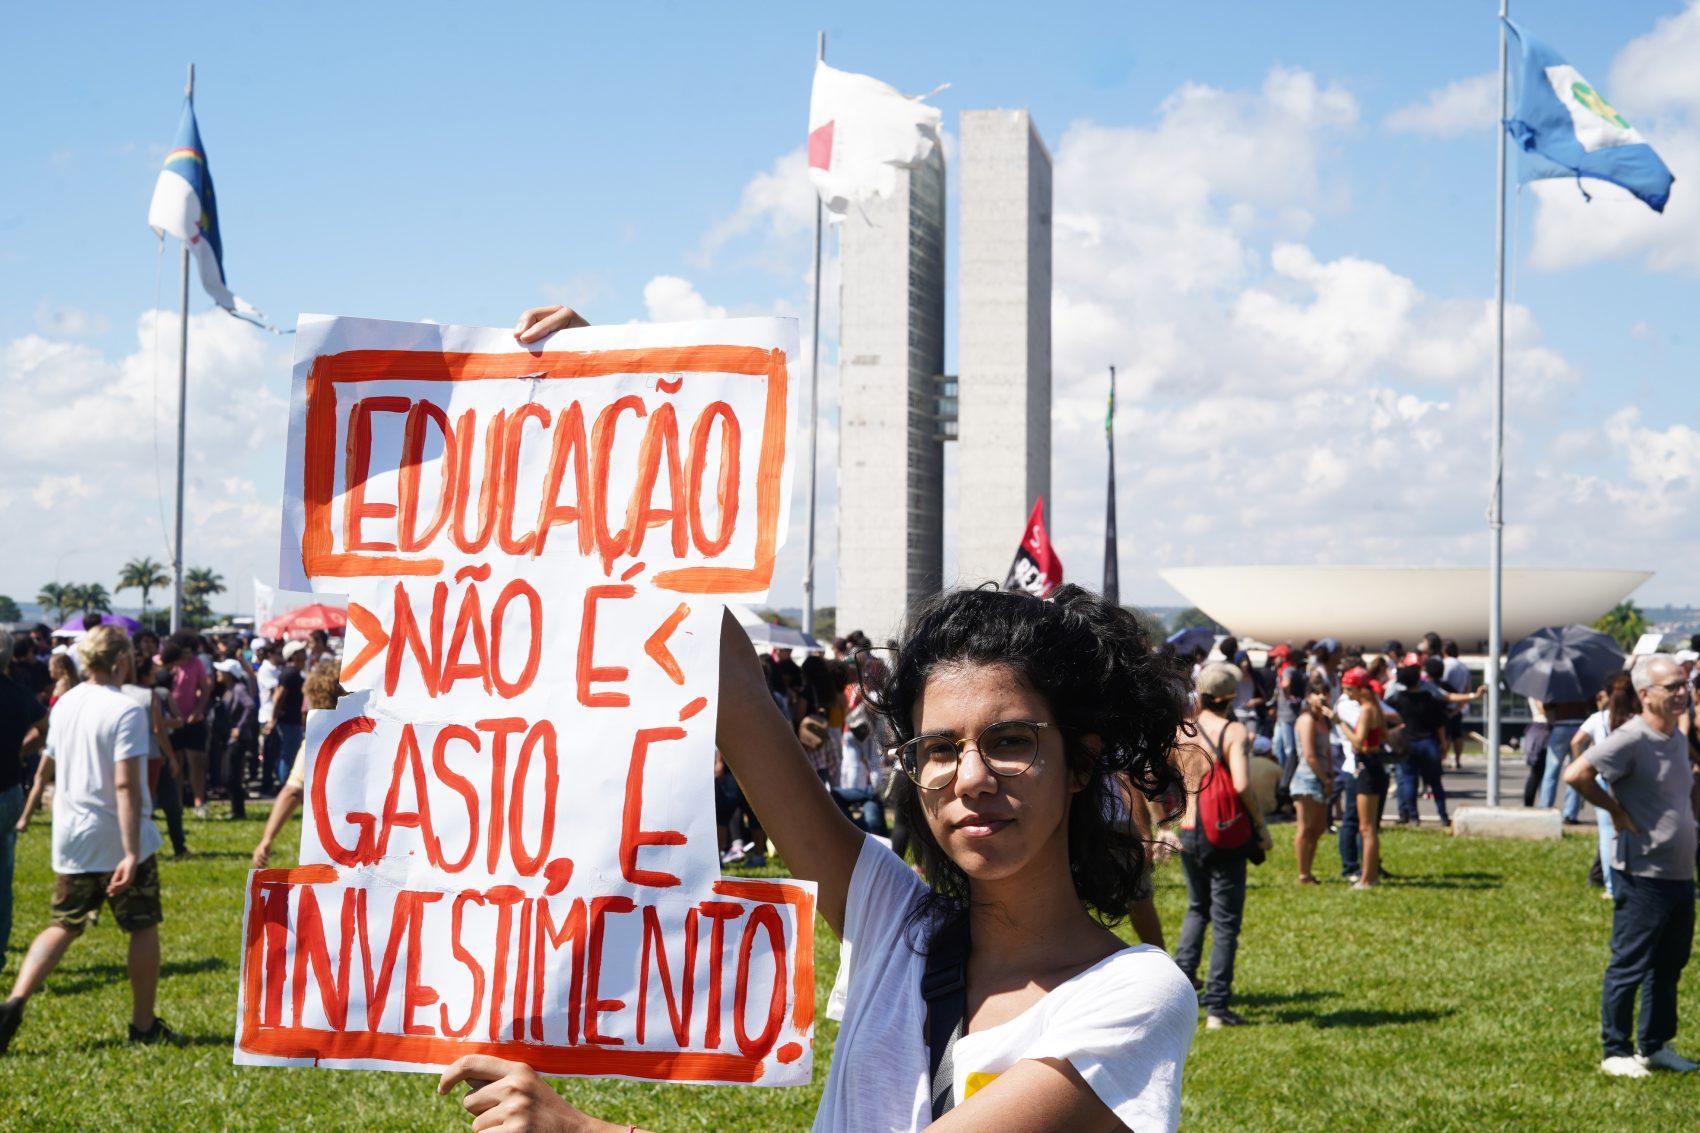 Manifestação de estudantes contra os cortes no orçamento da Educação: dia de protesto na rua e guerra de palavras (Pablo Valadares/Agência Câmara)